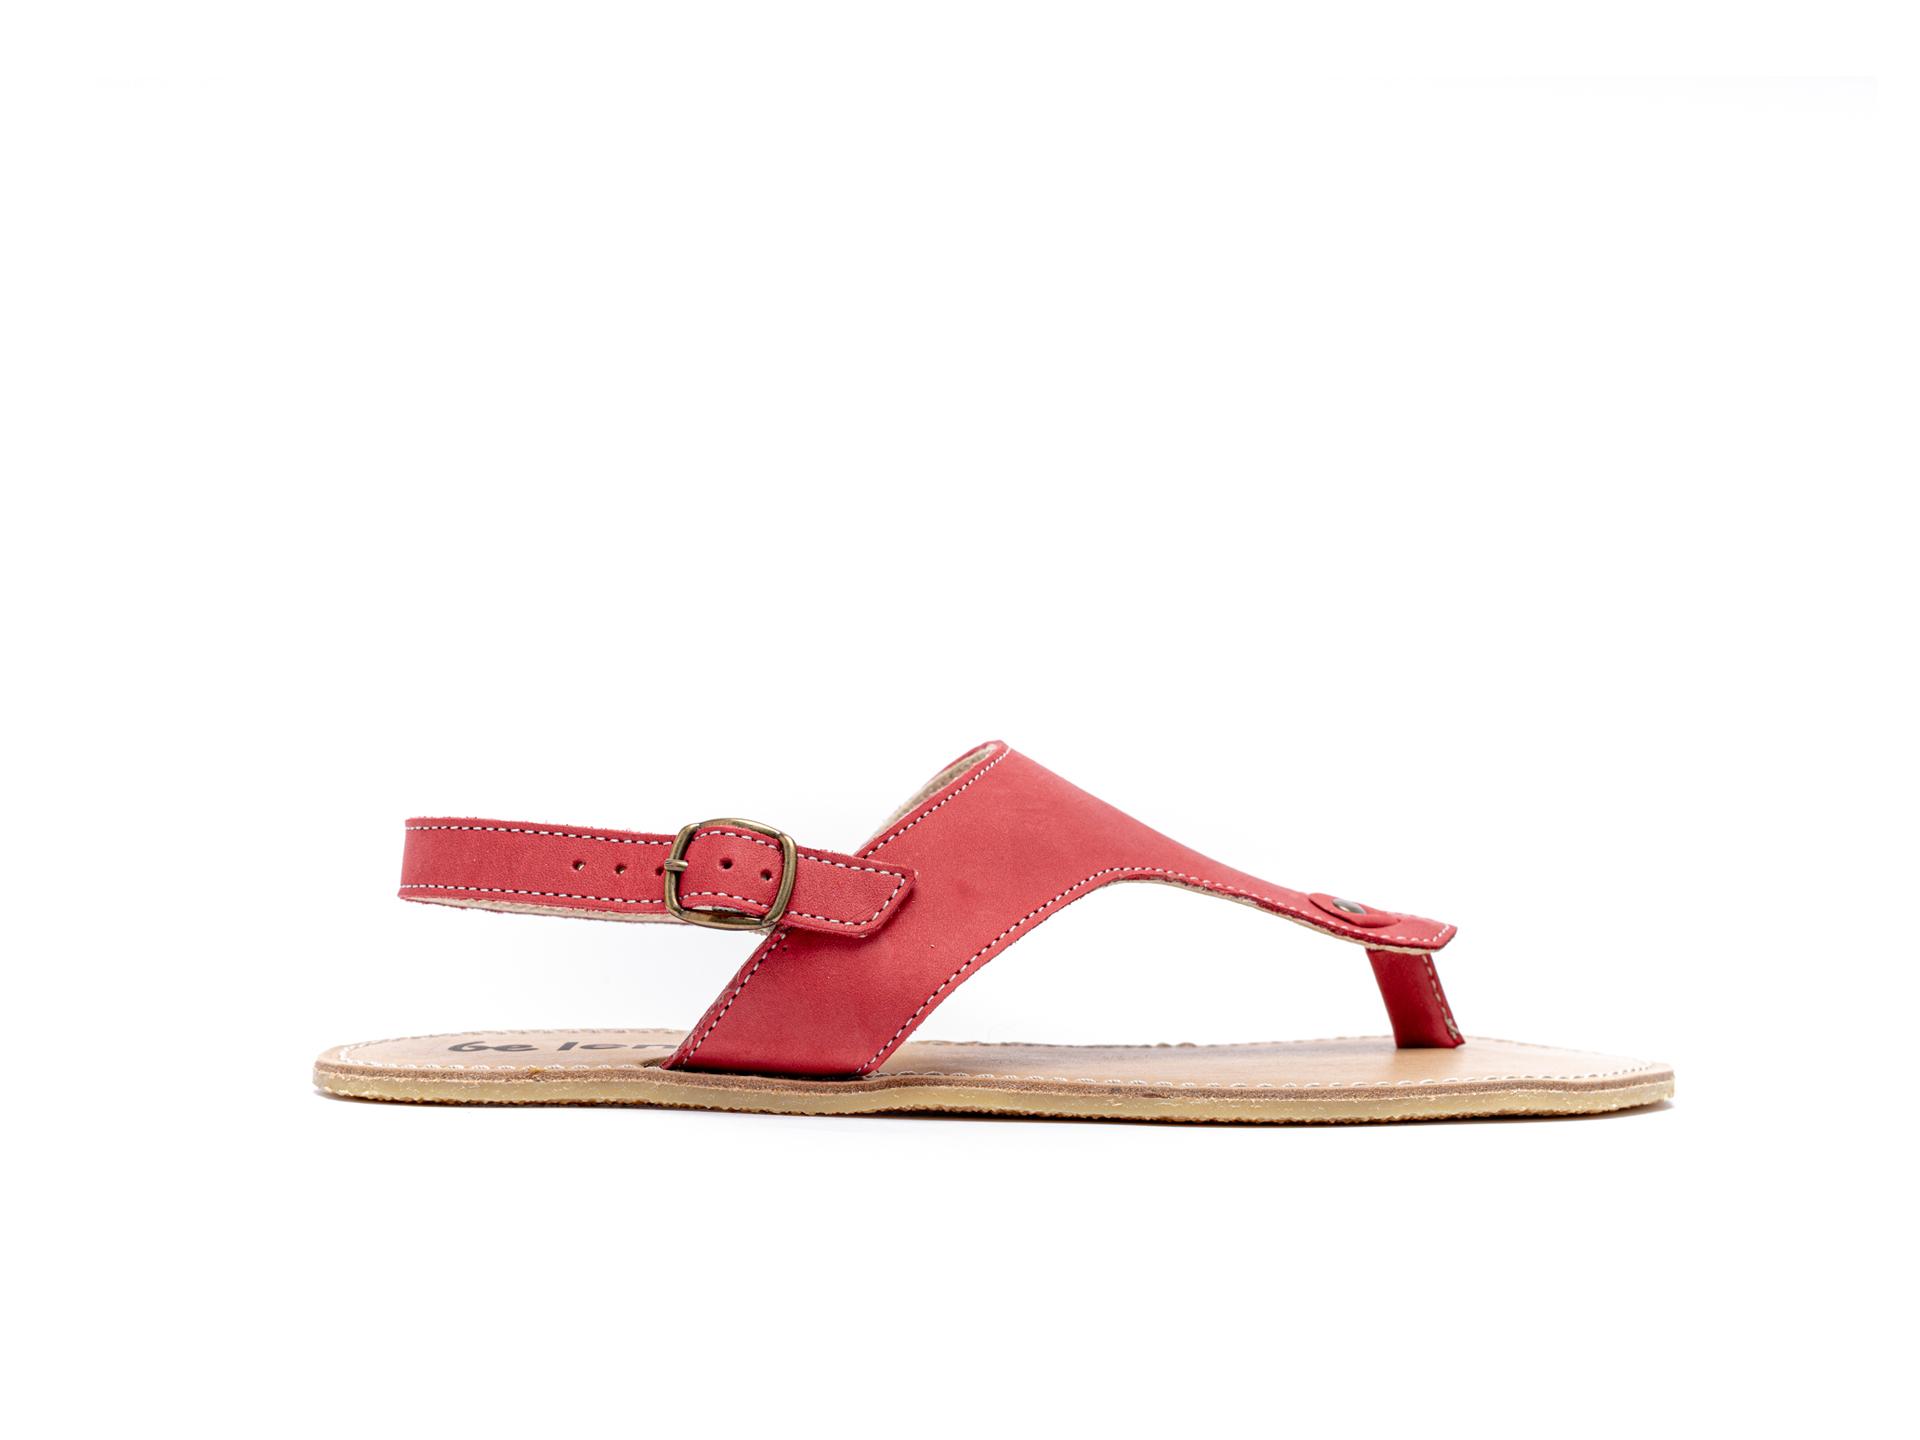 Barefoot Sandals - Be Lenka Promenade - Red 40